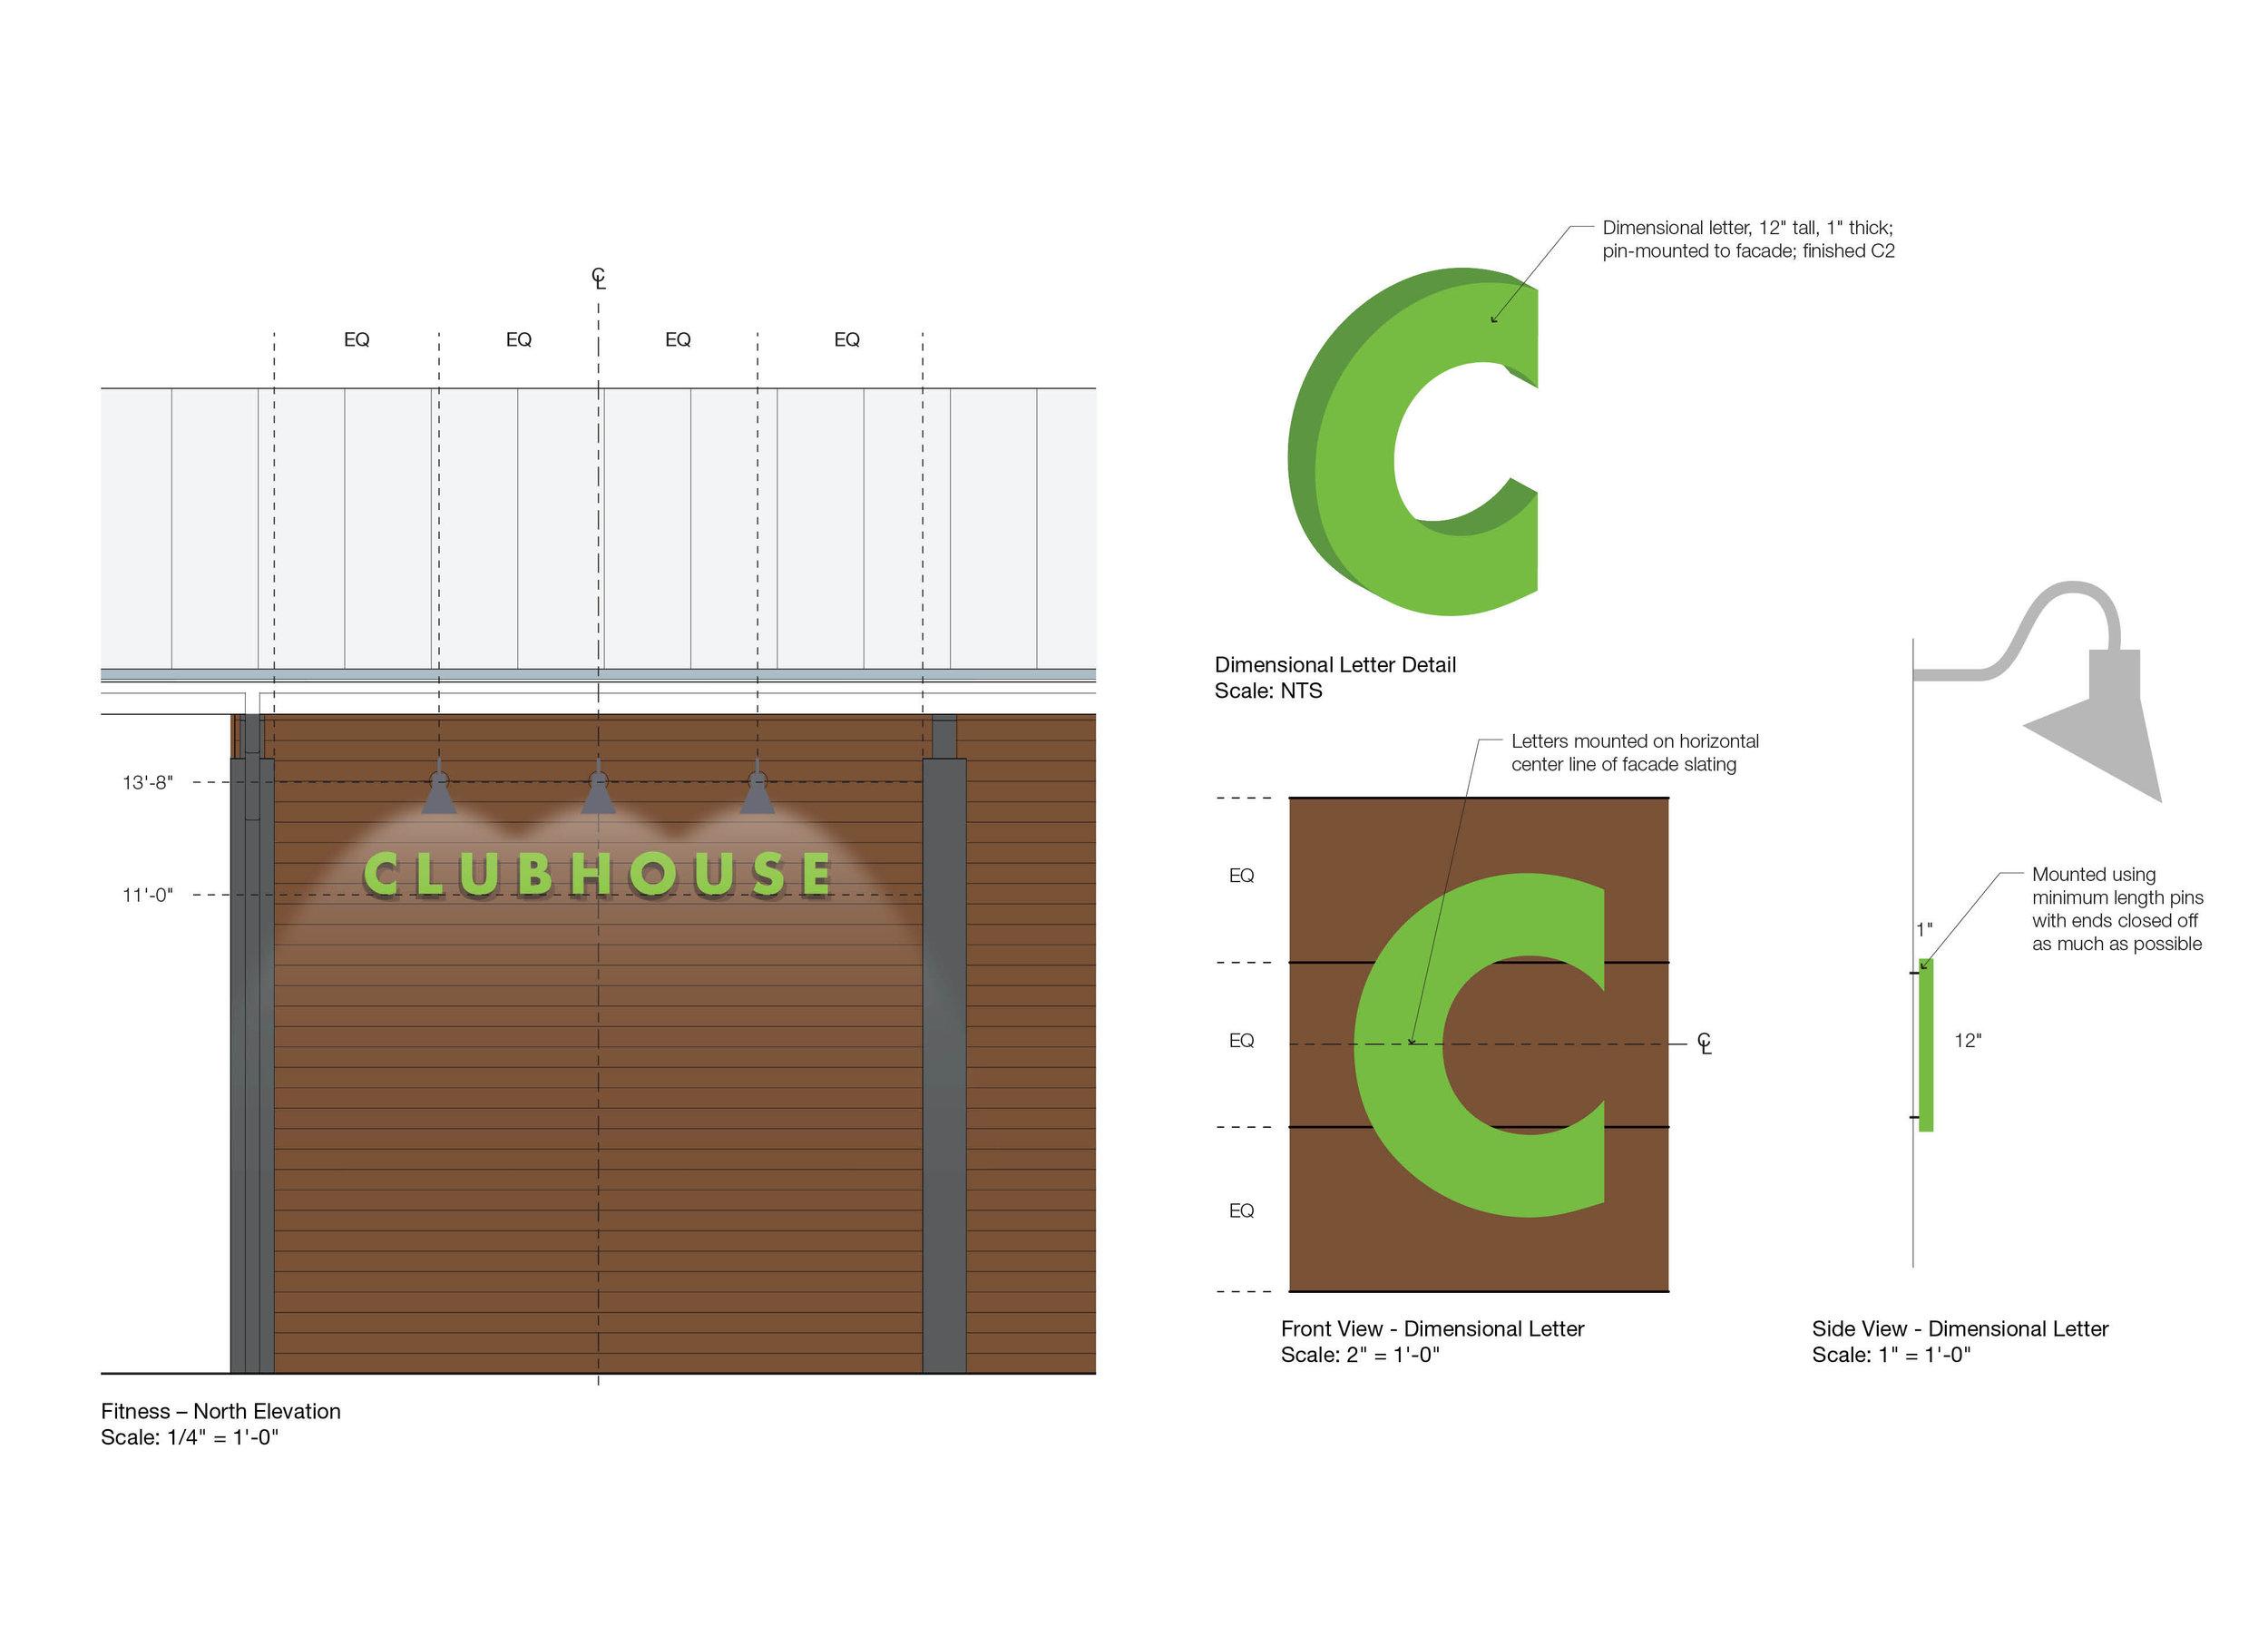 _0012_Paloverde_Signage_DesignIntent_GoodDrawingsOnly-Notitleblock7.jpg.jpg